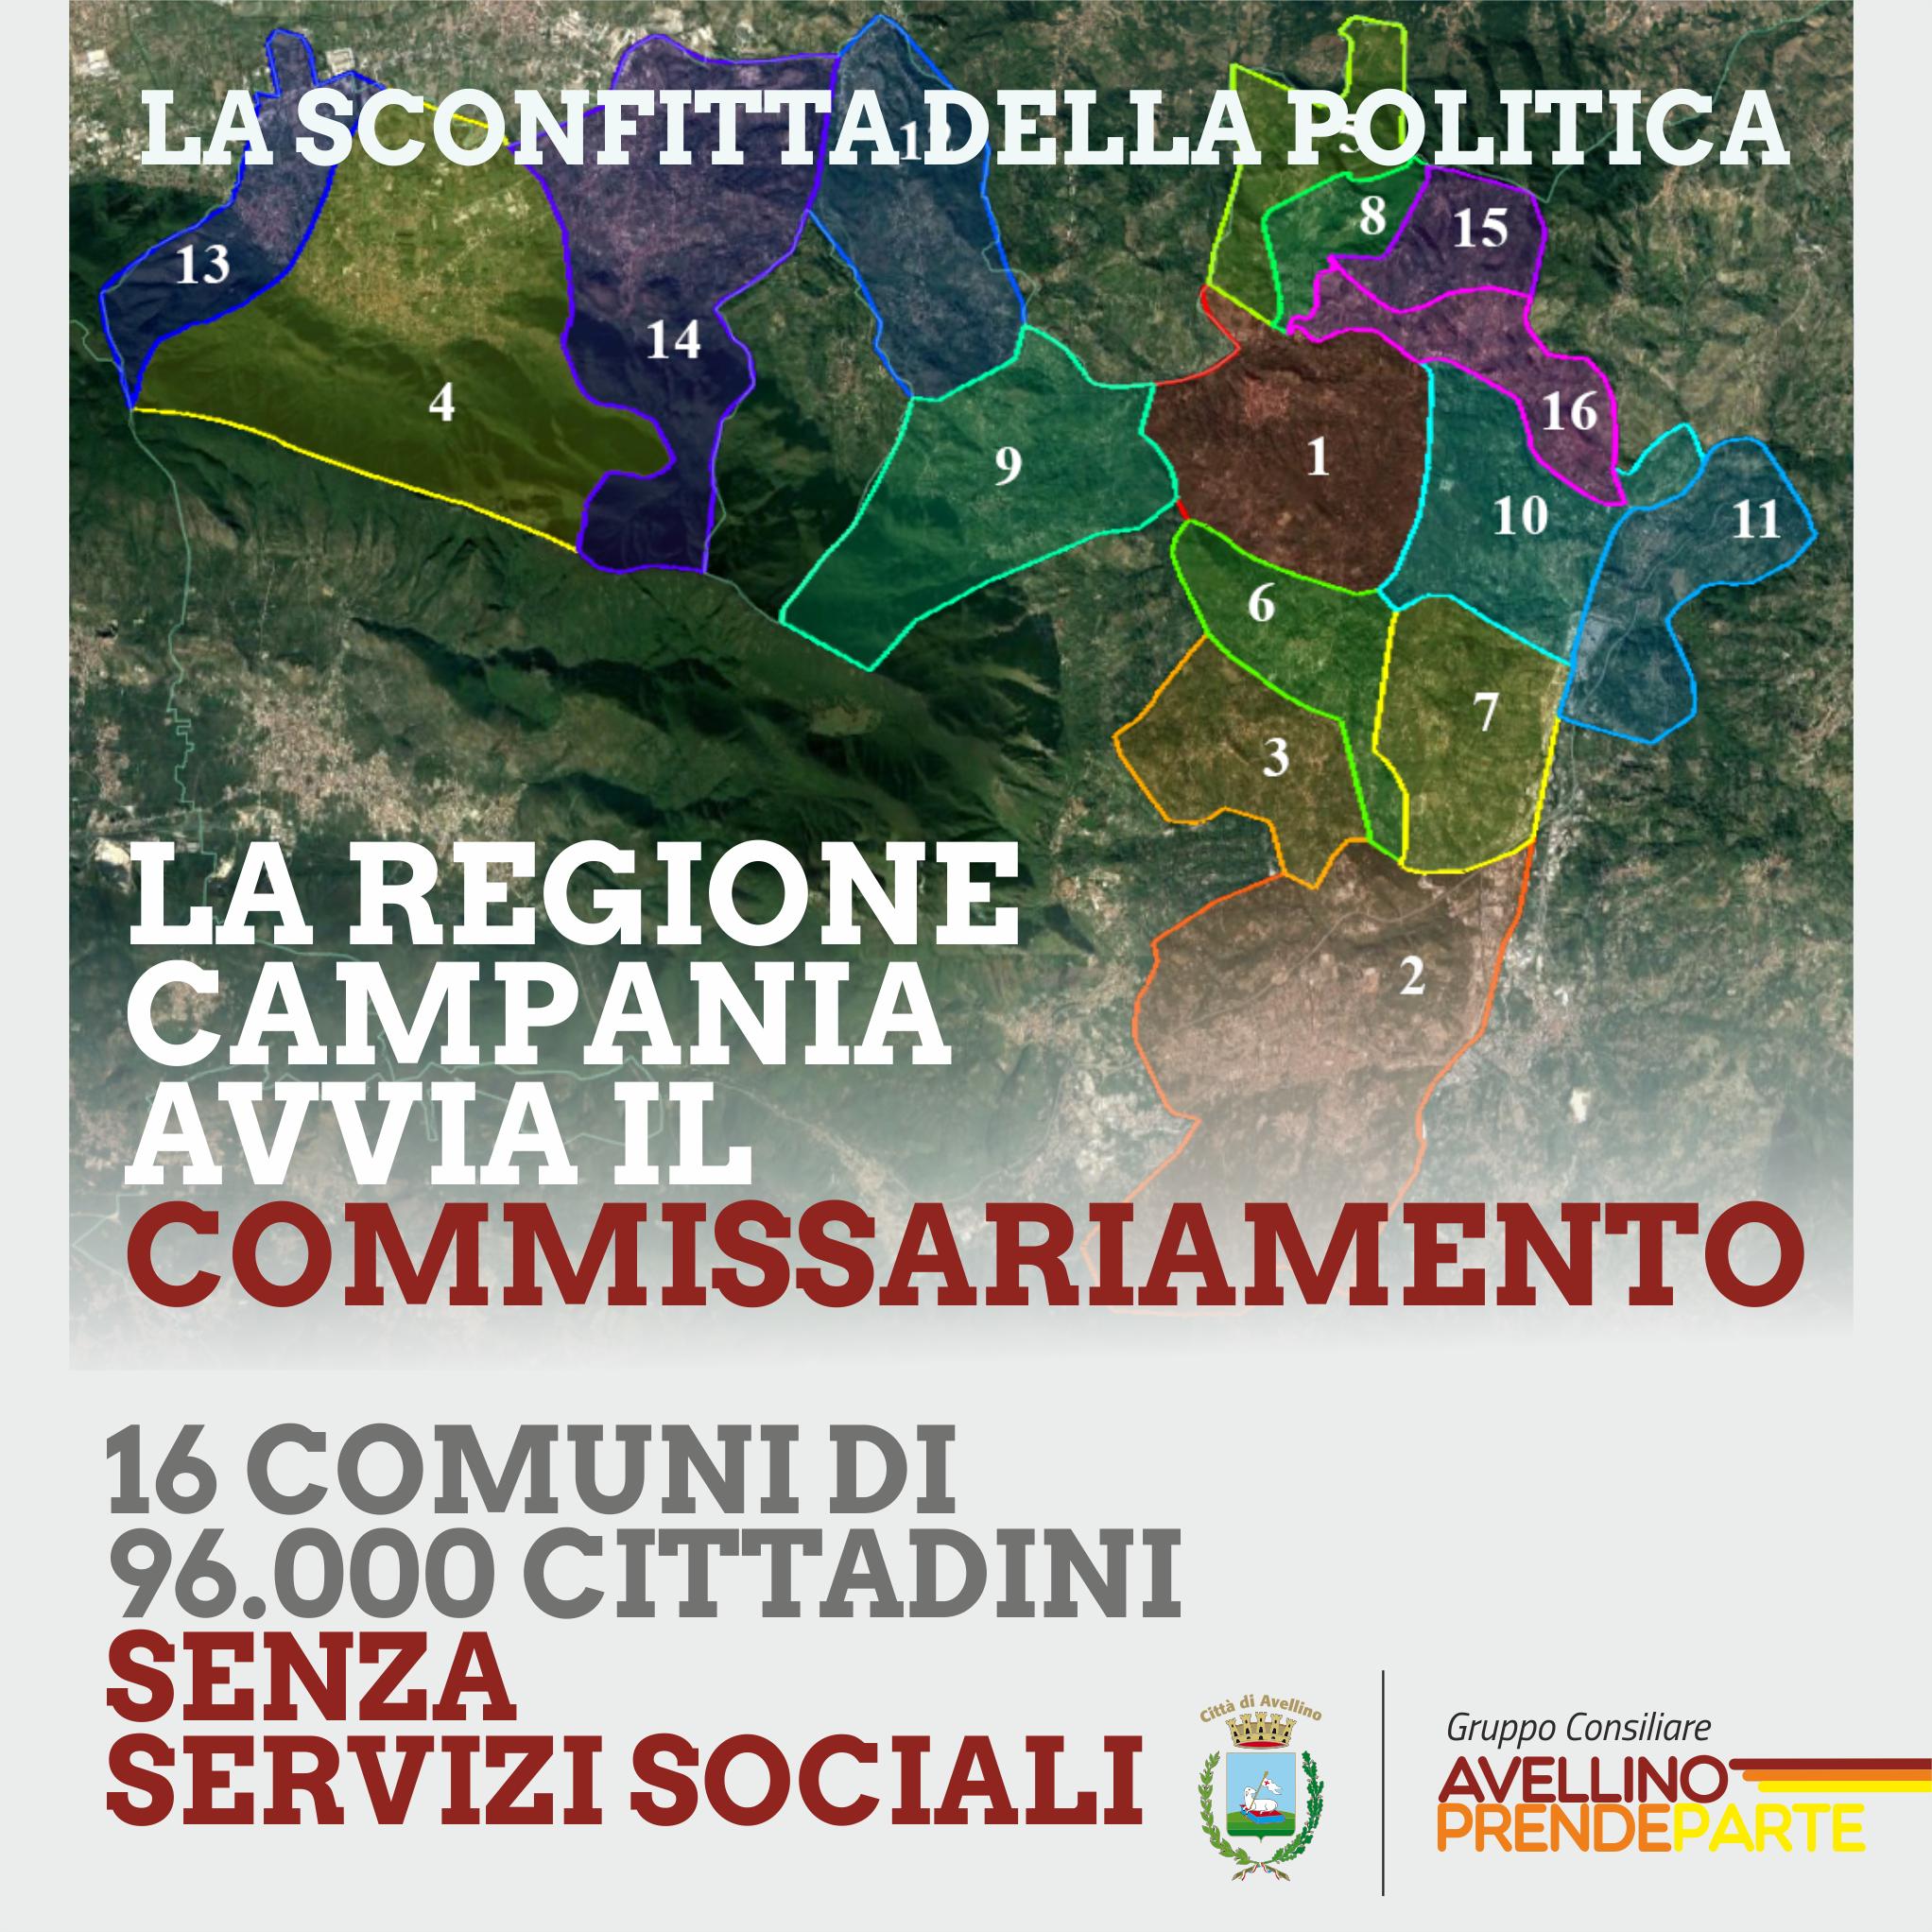 Iandolo: il commissariamento del Pdz sociale A4 è la sconfitta della politica, Avellino isolata a livello istituzionale